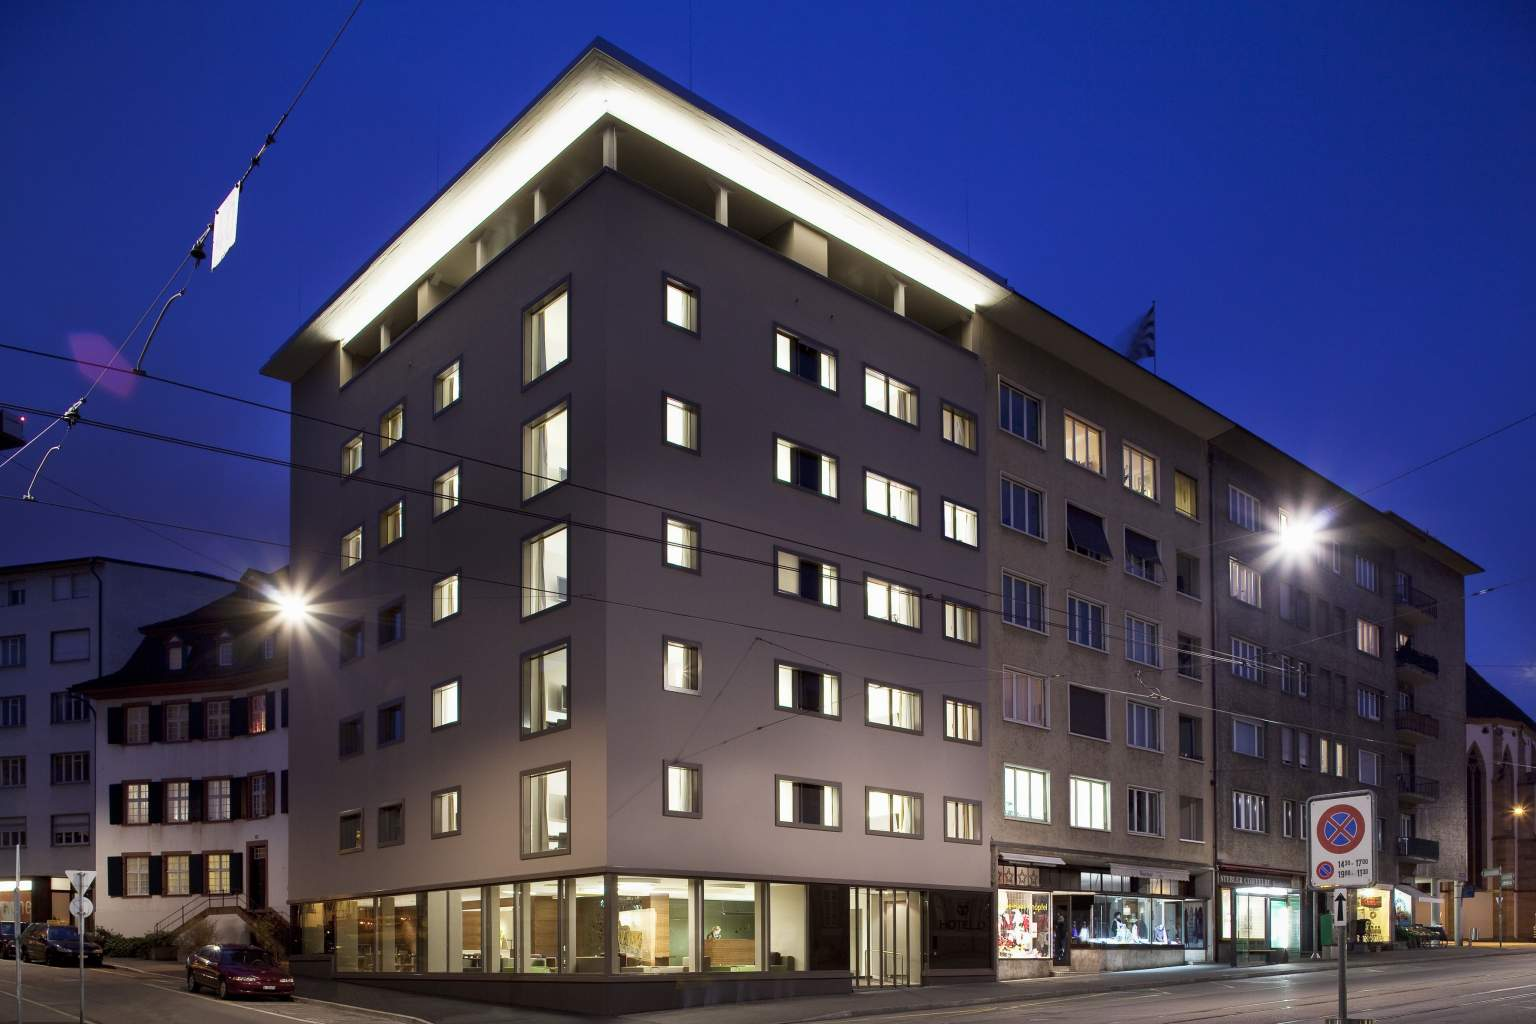 Vue extérieure de nuit de l'hôtel D à Bâle4 étoiles au centre ville de Bâle